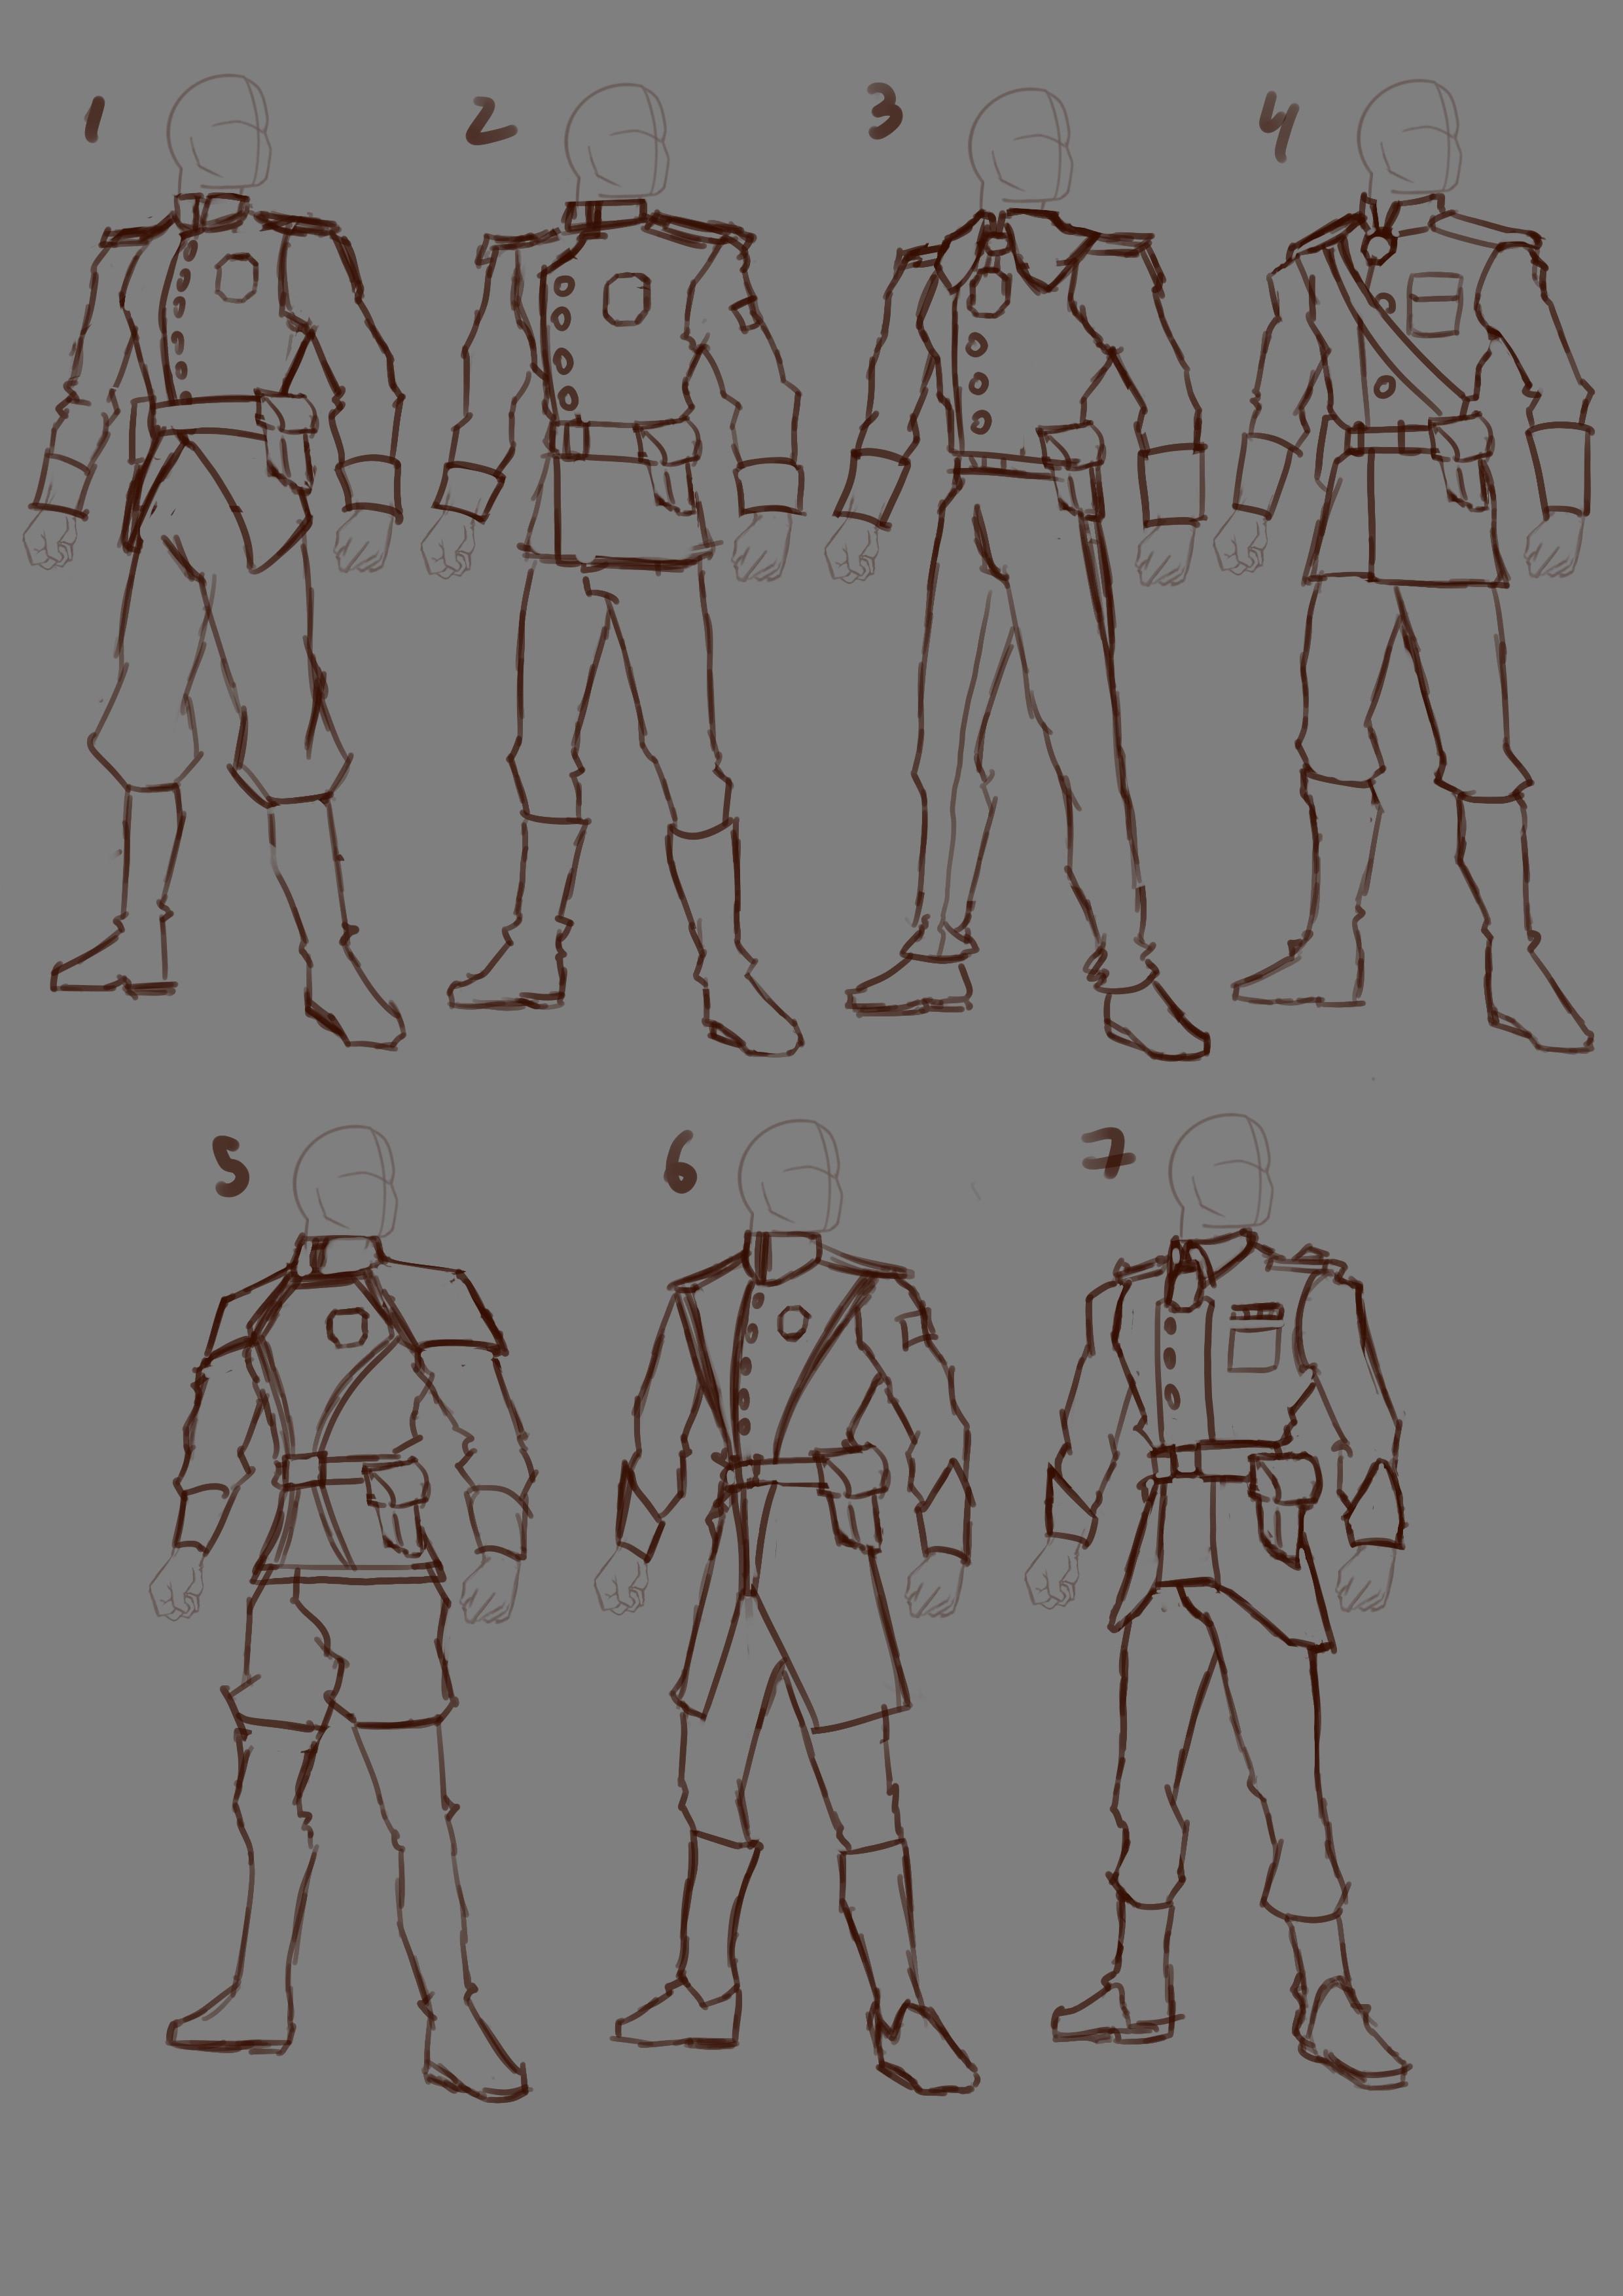 Uniform variations